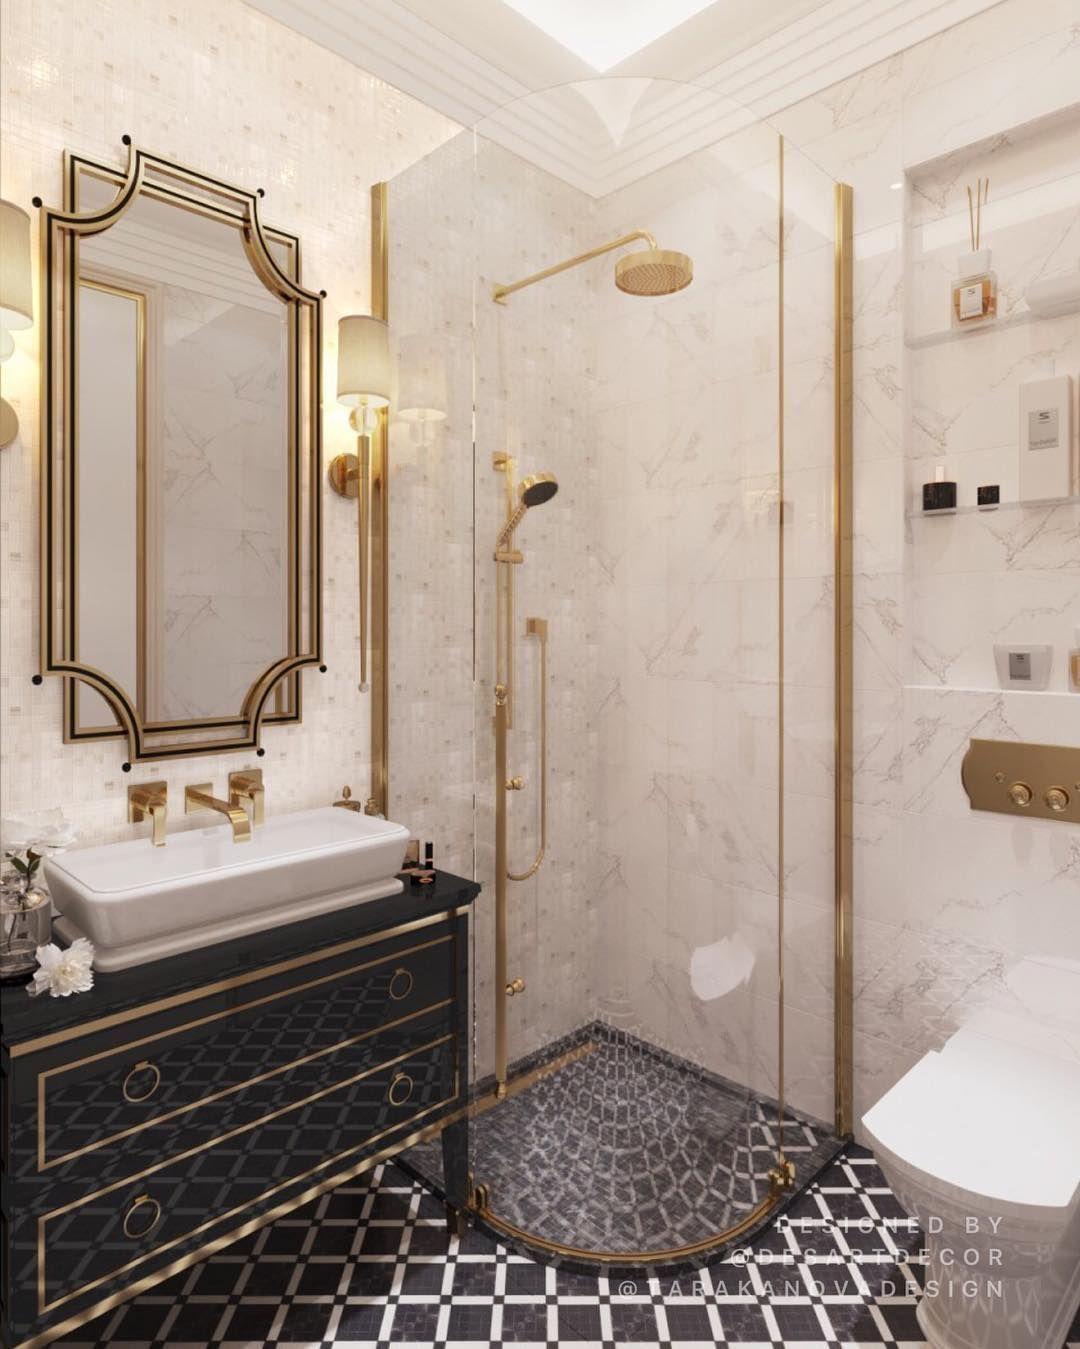 Pin By Michael Recco On Bathroom Ideas Mirror Eclectic Bathroom Sophisticated Bathroom Bathroom Interior Design